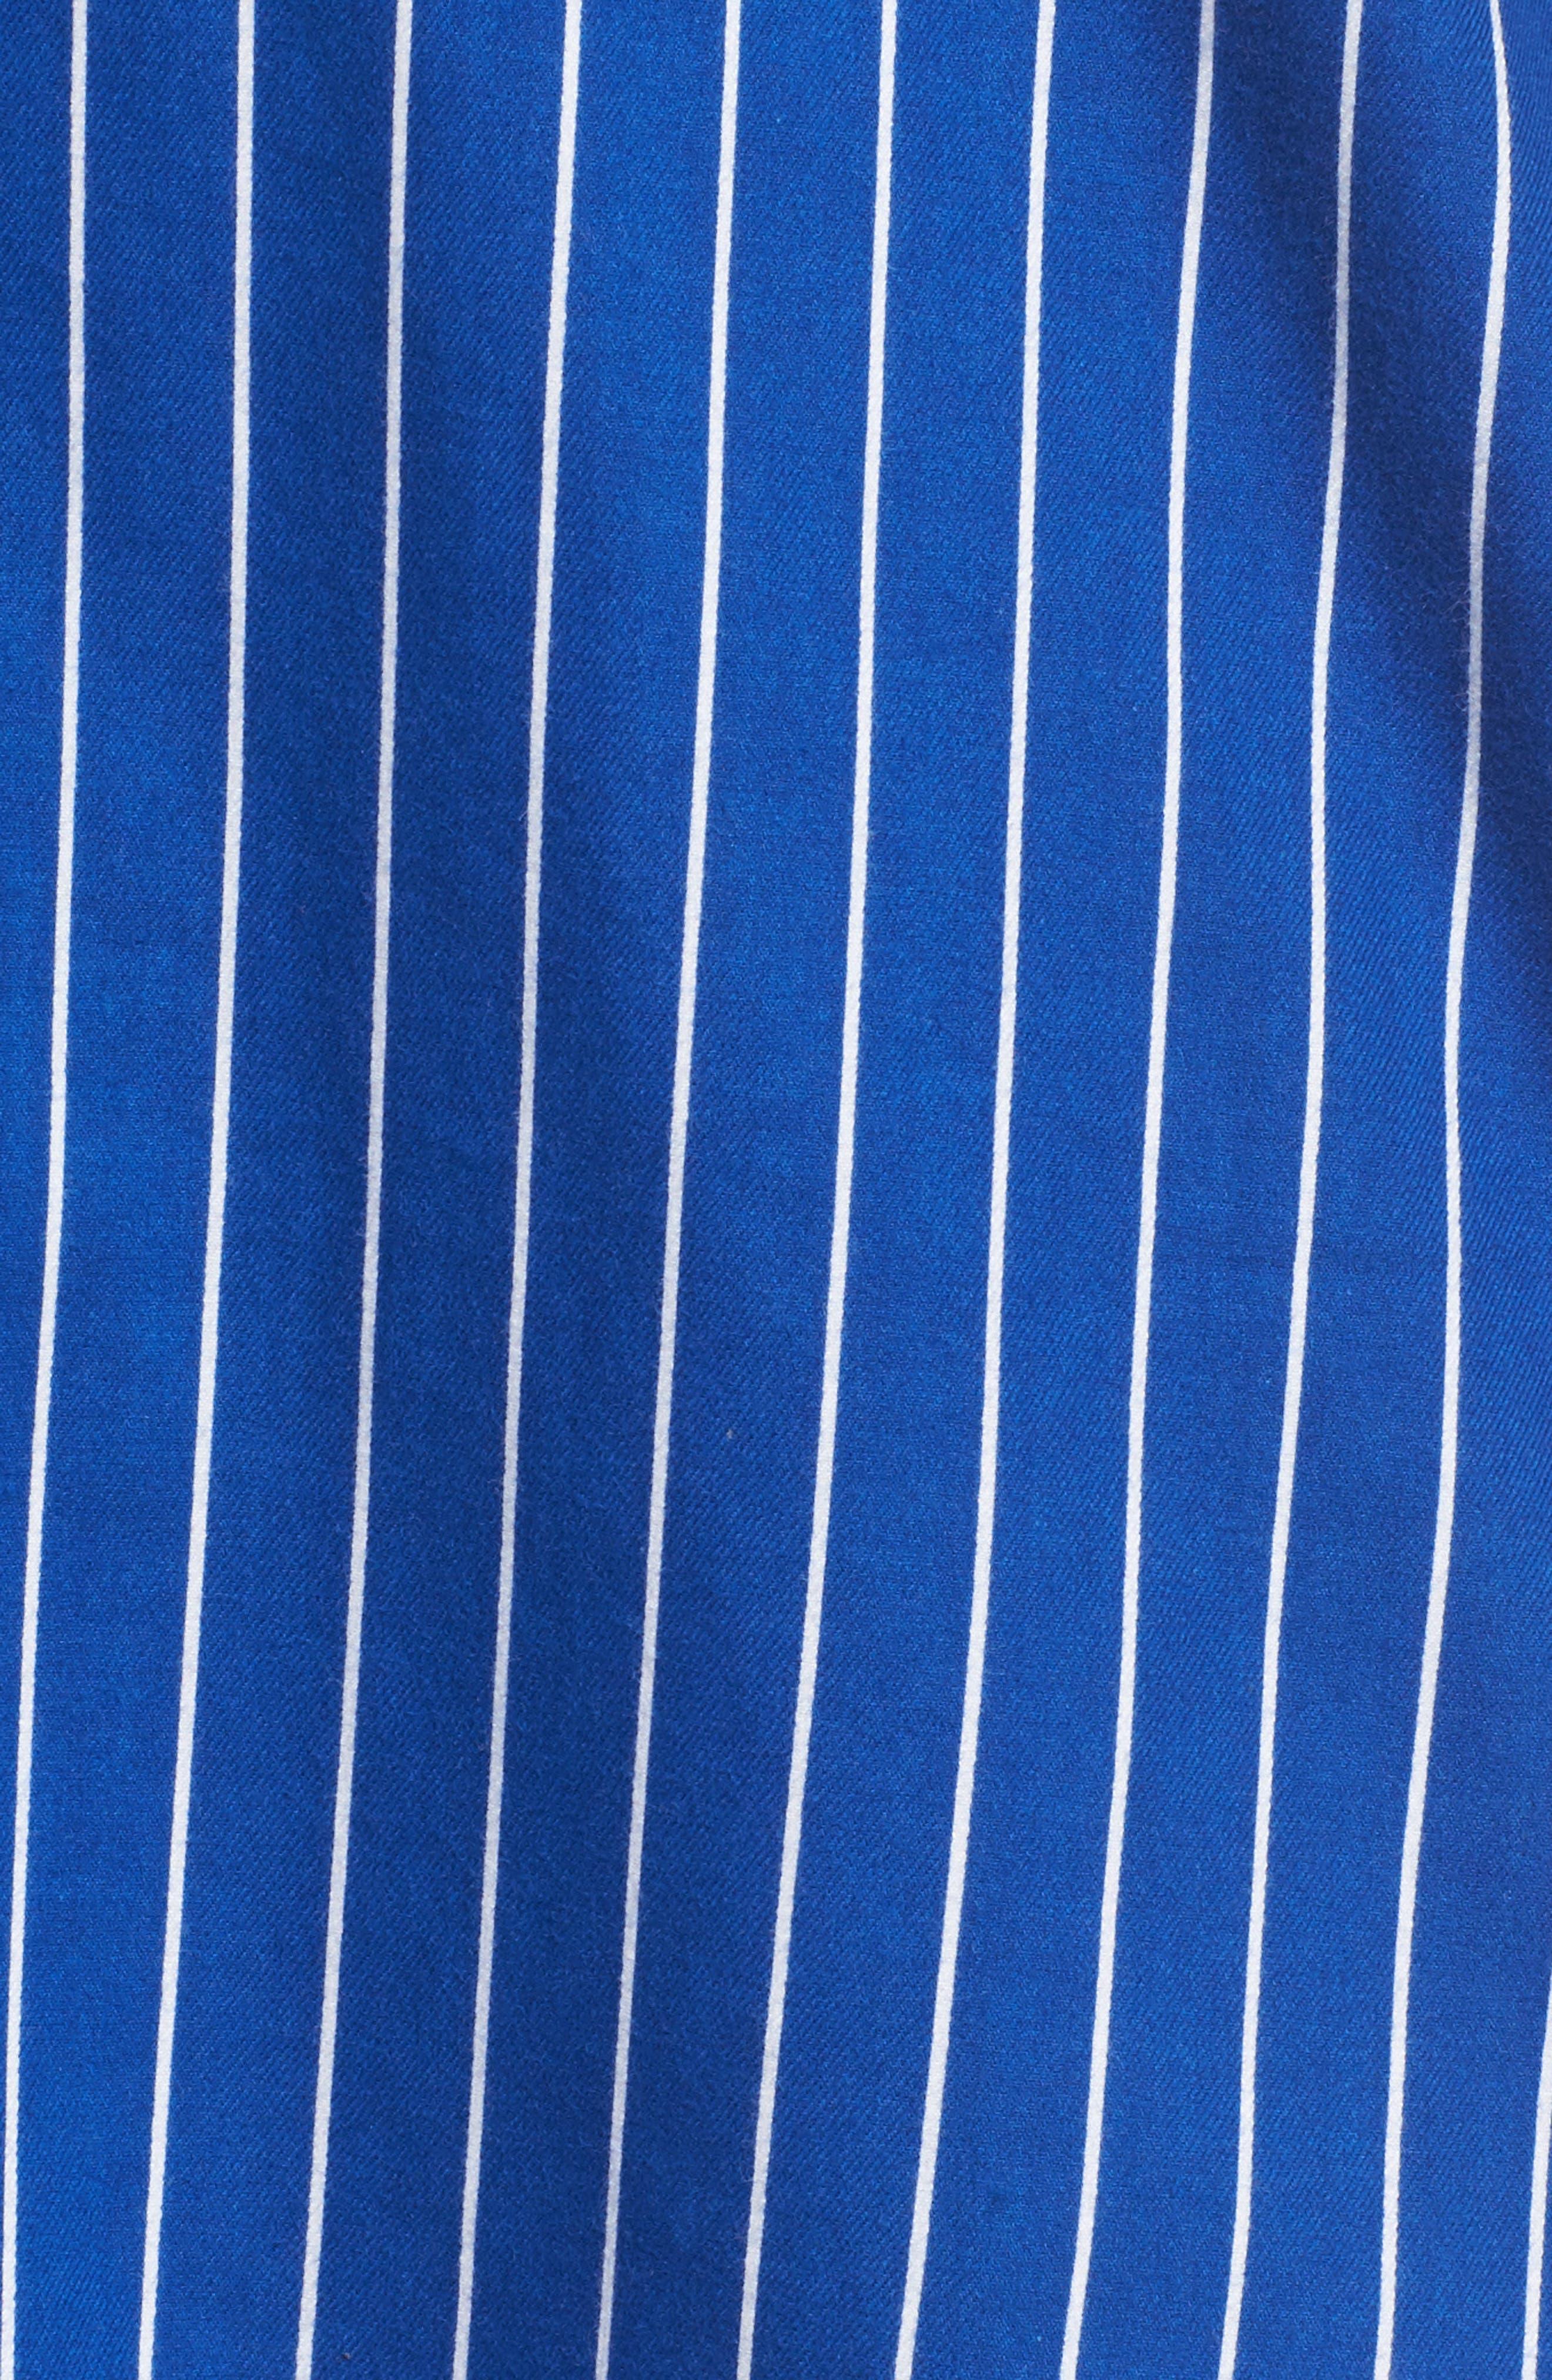 Alternate Image 5  - Lauren Ralph Lauren Sleep Shirt